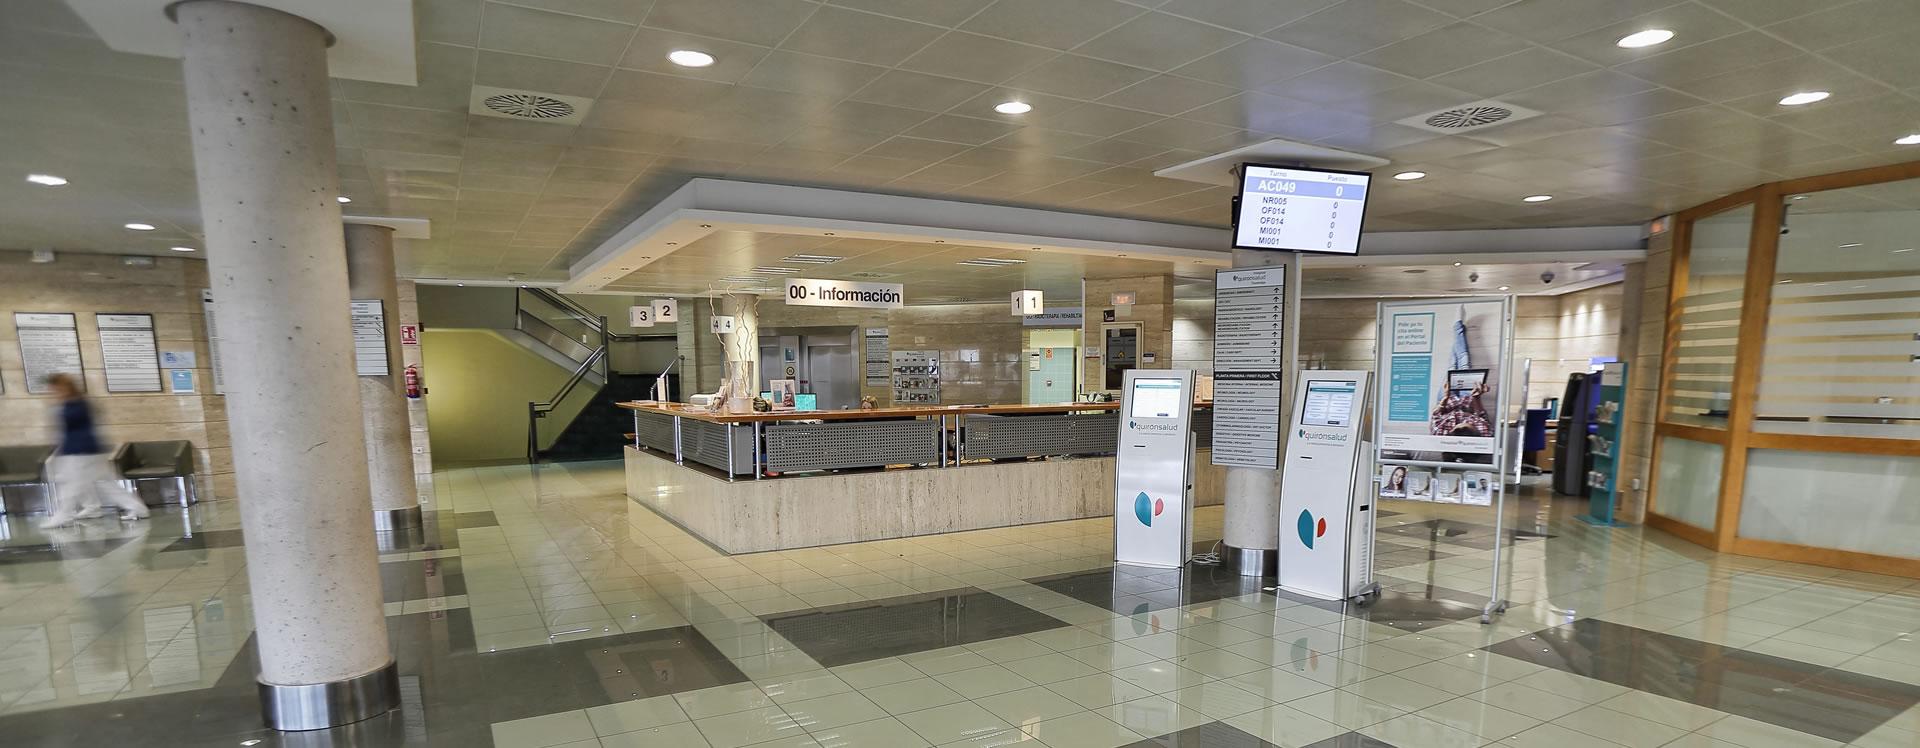 Hall de entrada del Hospital Quirónsalud Torrevieja donde se encuentra la clínica dental Marta Vallés